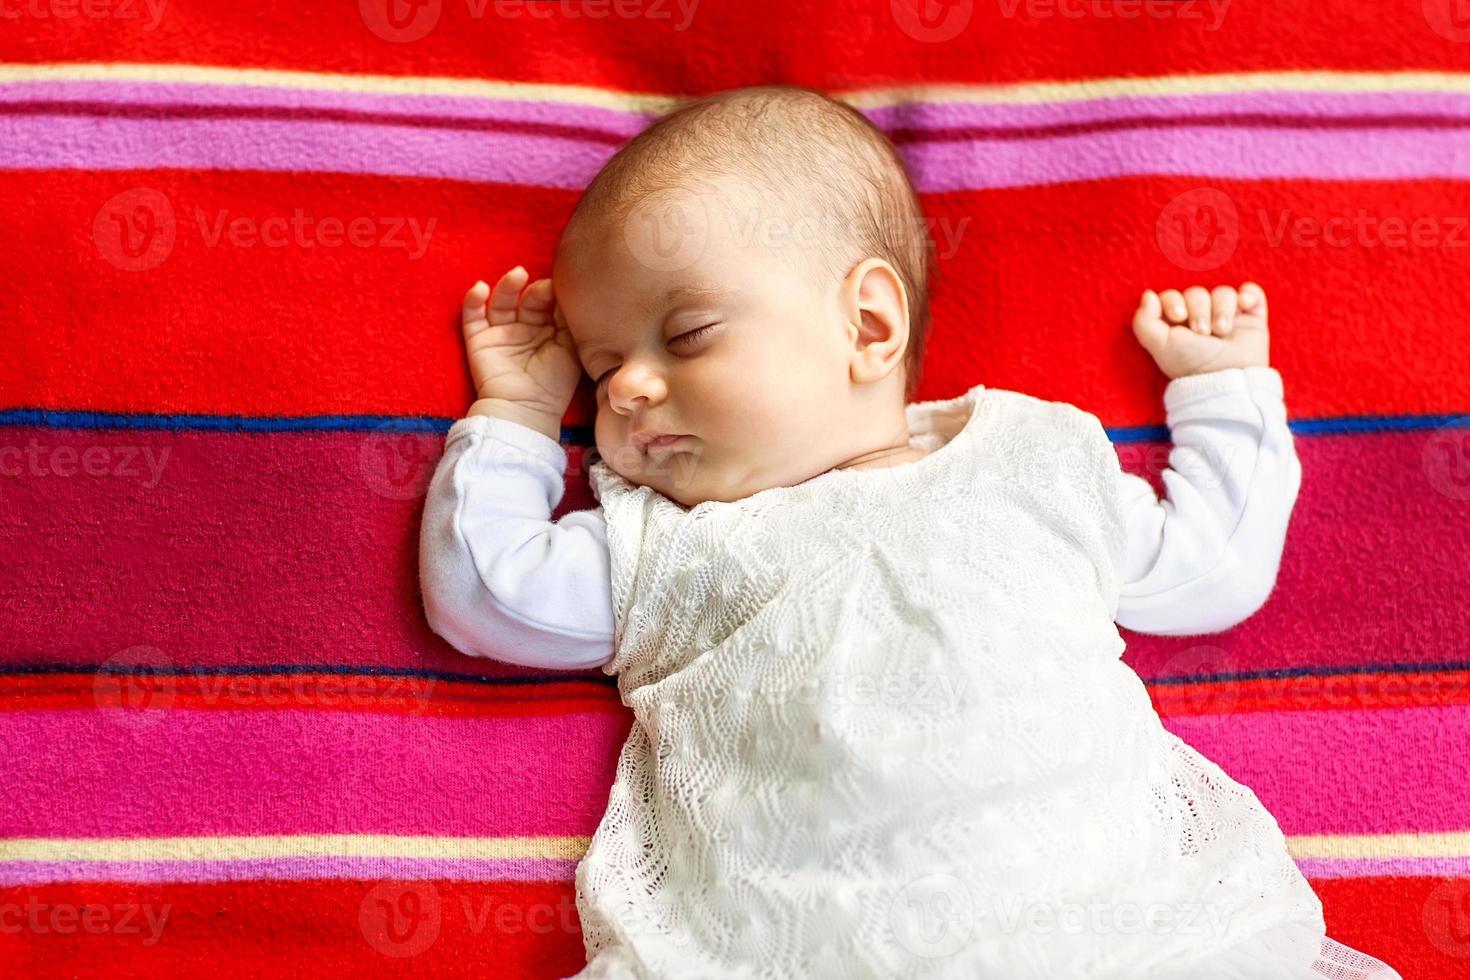 Little newborn baby boy 14 days, sleeps photo